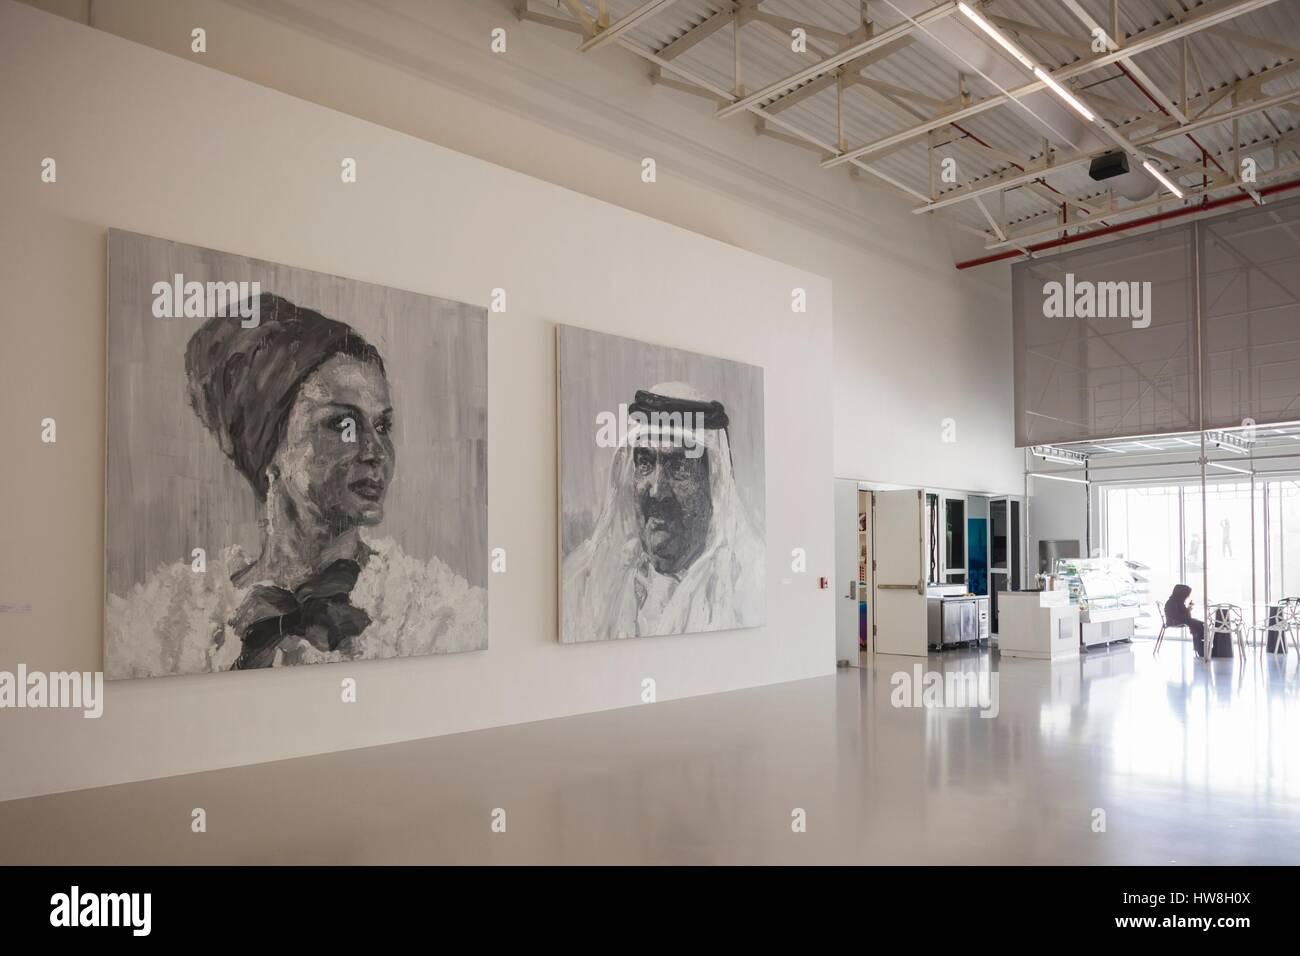 Arabische museum für moderne kunst interieur mit porträts von yan